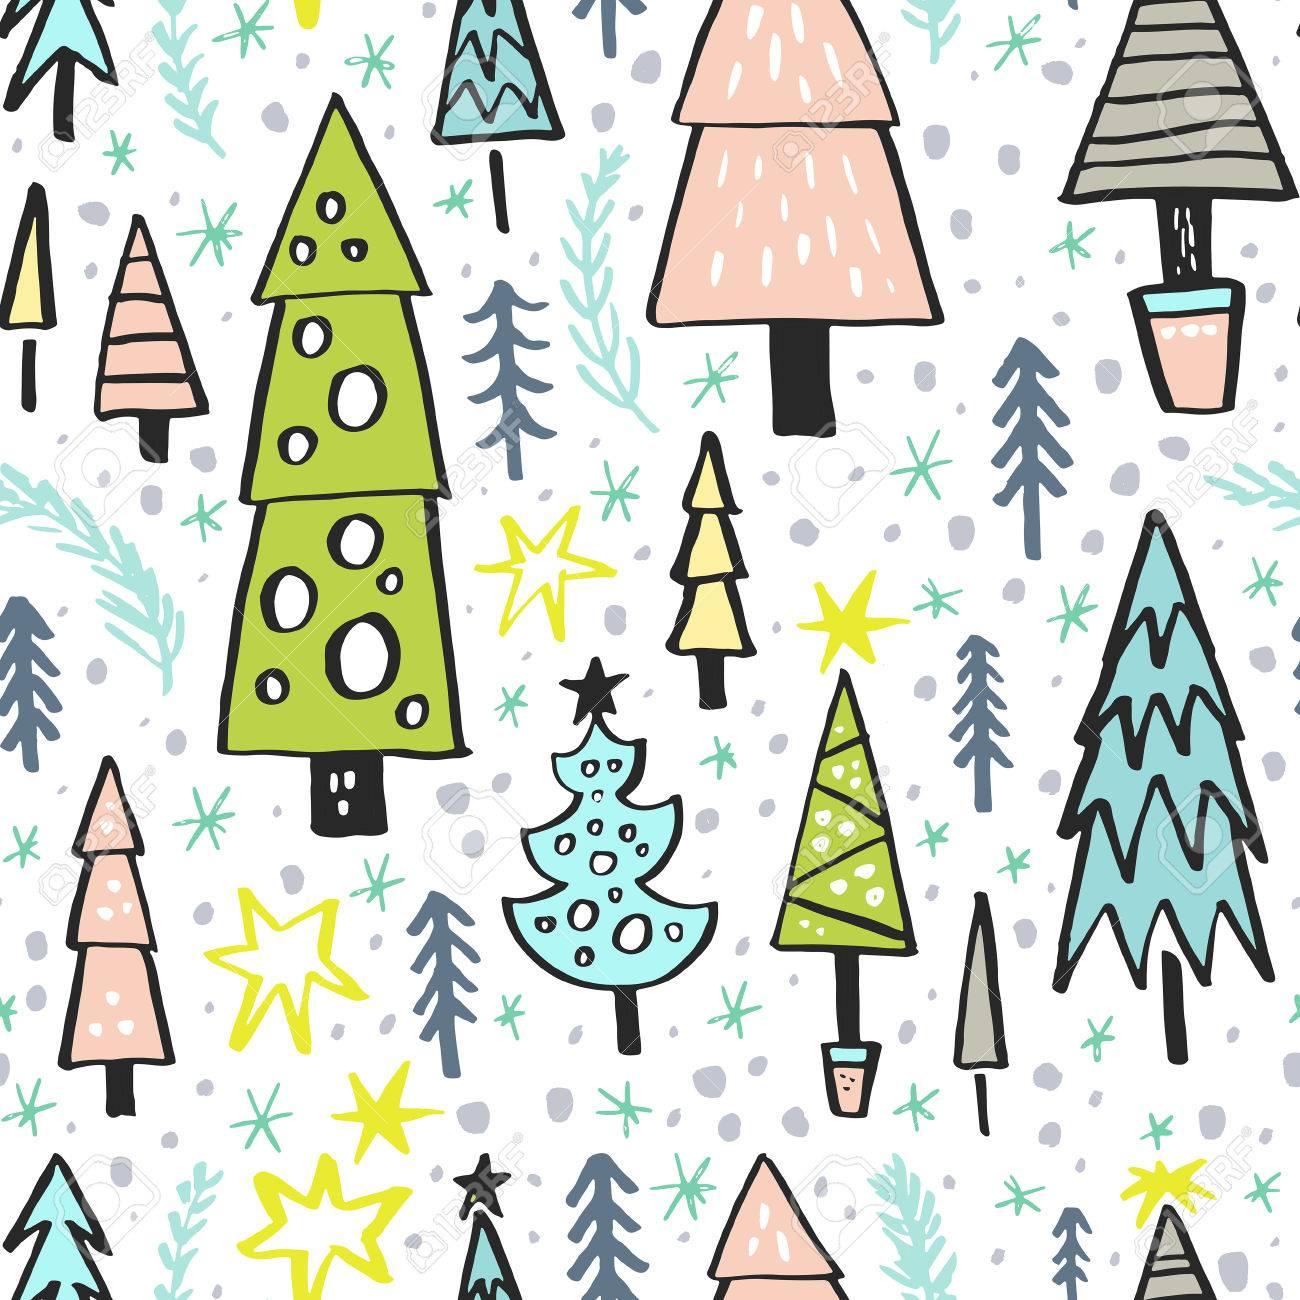 Auguri Di Natale Yahoo.Vettoriale Sfondo Di Natale Con Alberi Di Pino Modello Senza